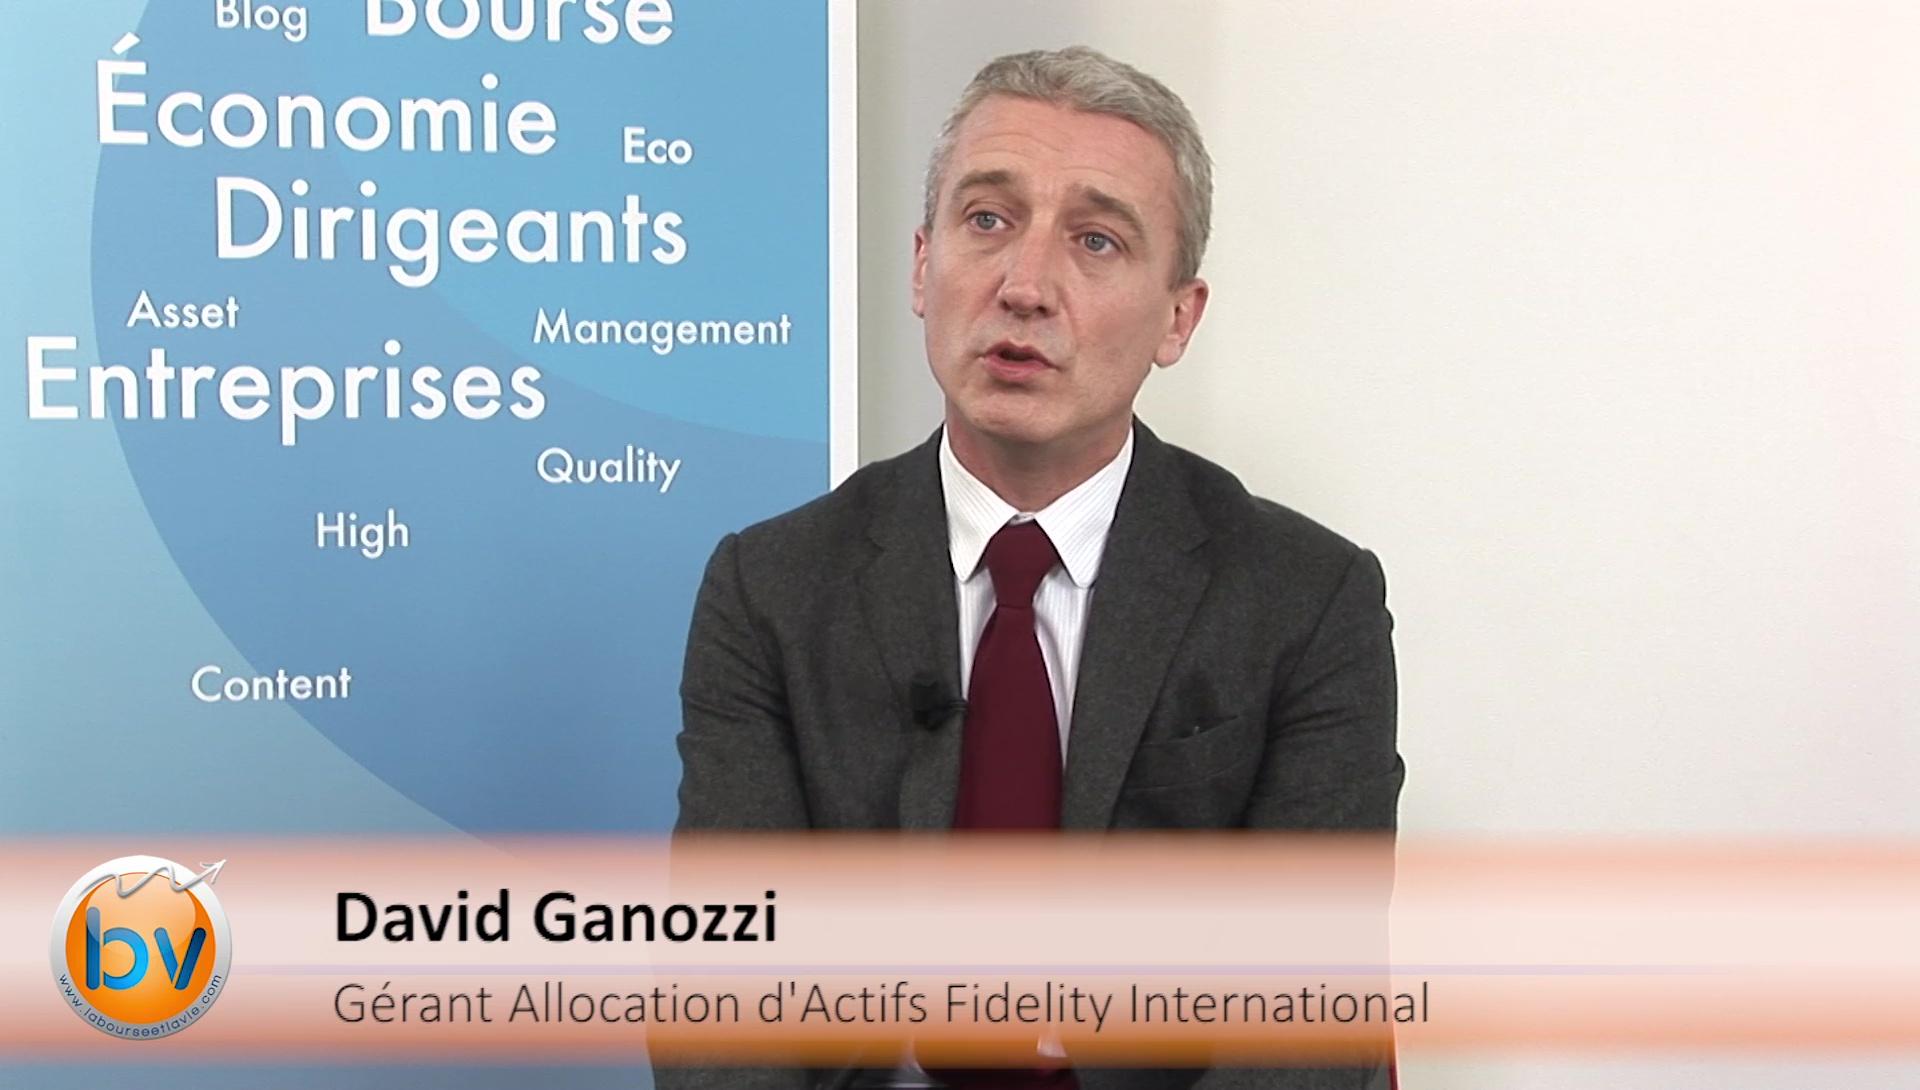 """David Ganozzi Gérant Allocation d'Actifs Fidelity International : """"Plutôt les actions européennes à privilégier aujourd'hui"""""""